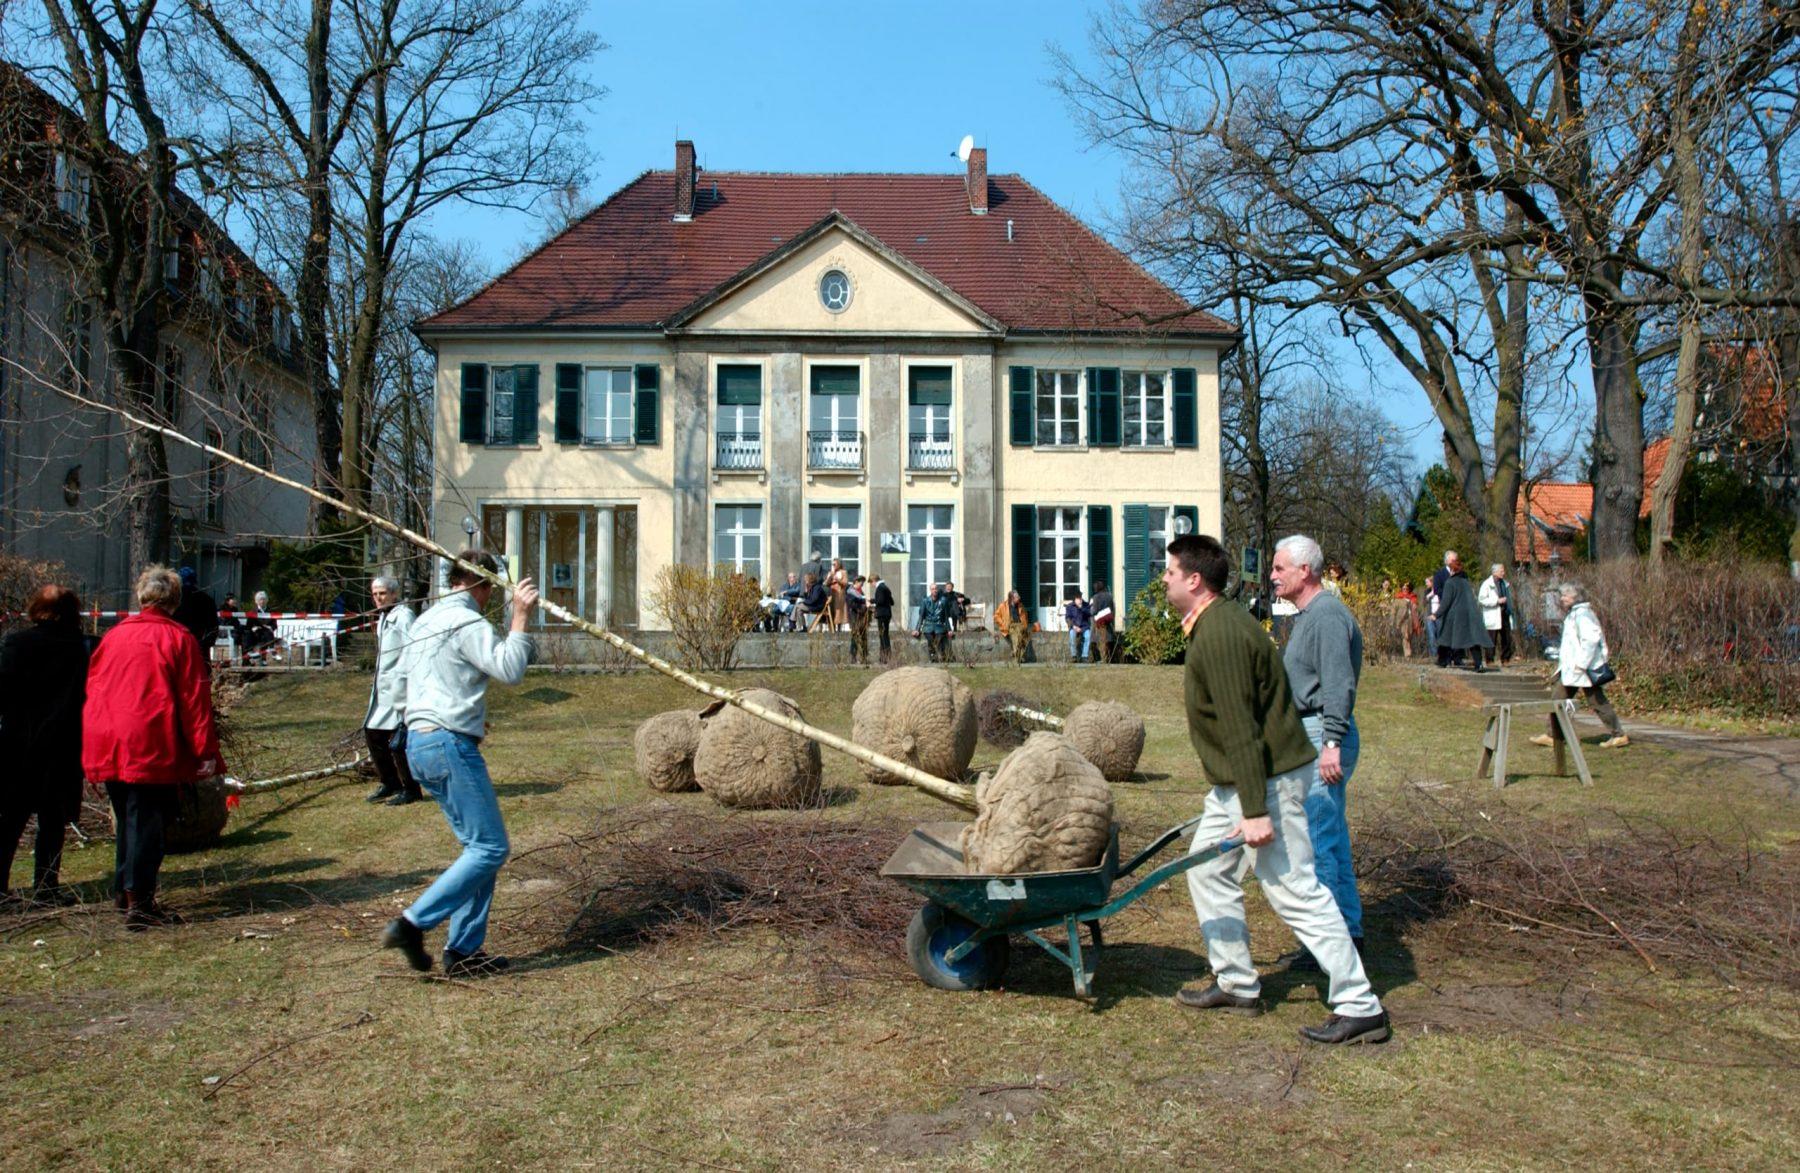 Mehrere Personen helen beim Einpflanzen junger Birken im Garten der Liebermann-Villa. Im Hintergrund ist die Rückfassade der Liebermann-Villa zu sehen.